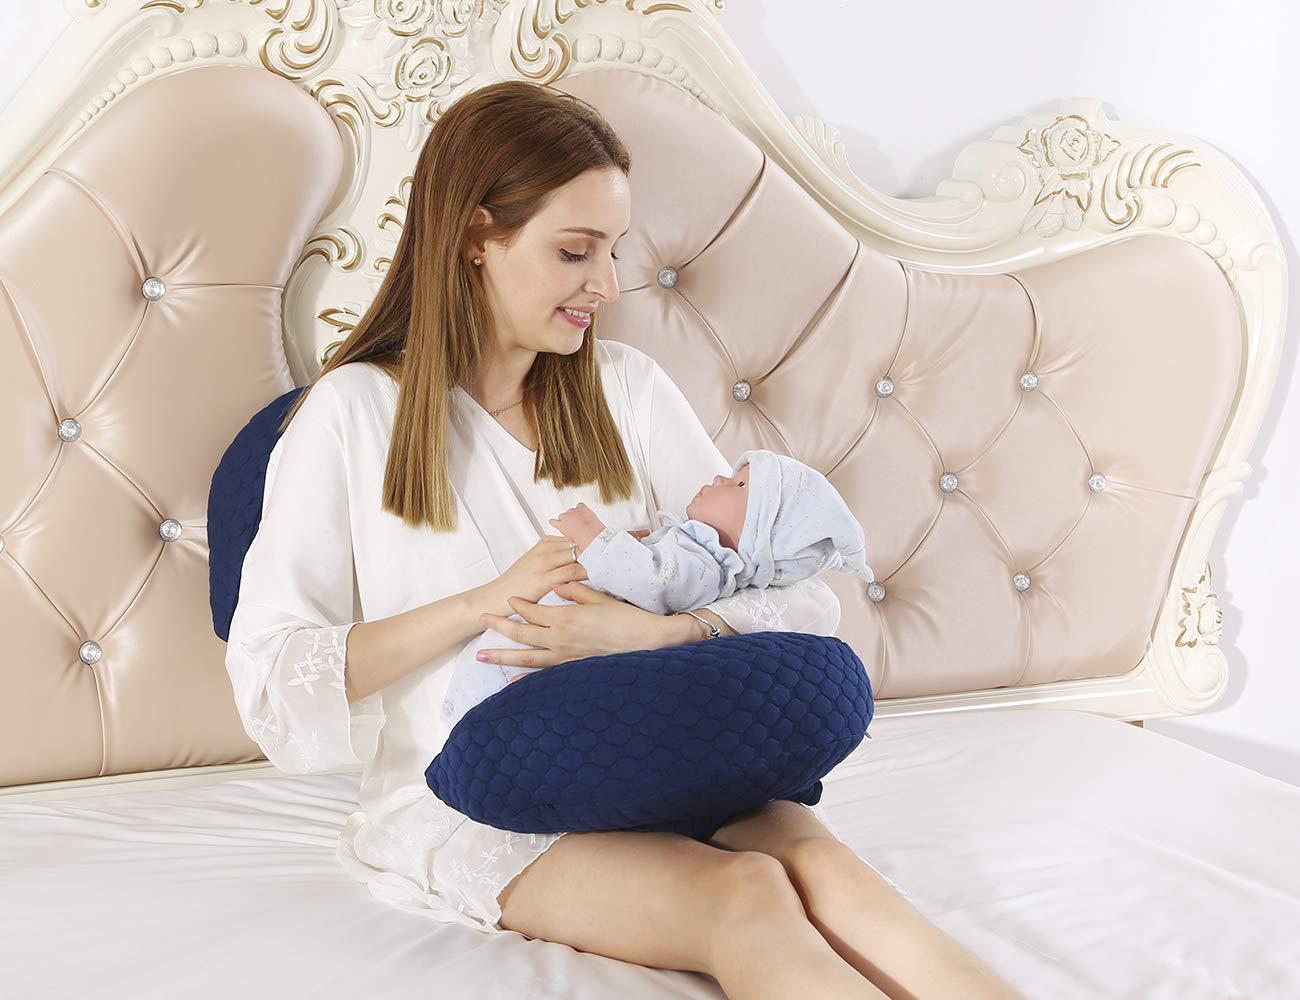 SALAD HOUSE Lendenkissen Schwangere Frauen Kissen Taille Seite Schlafkissen Baumwolle Navy Blue, 40 x 70 cm